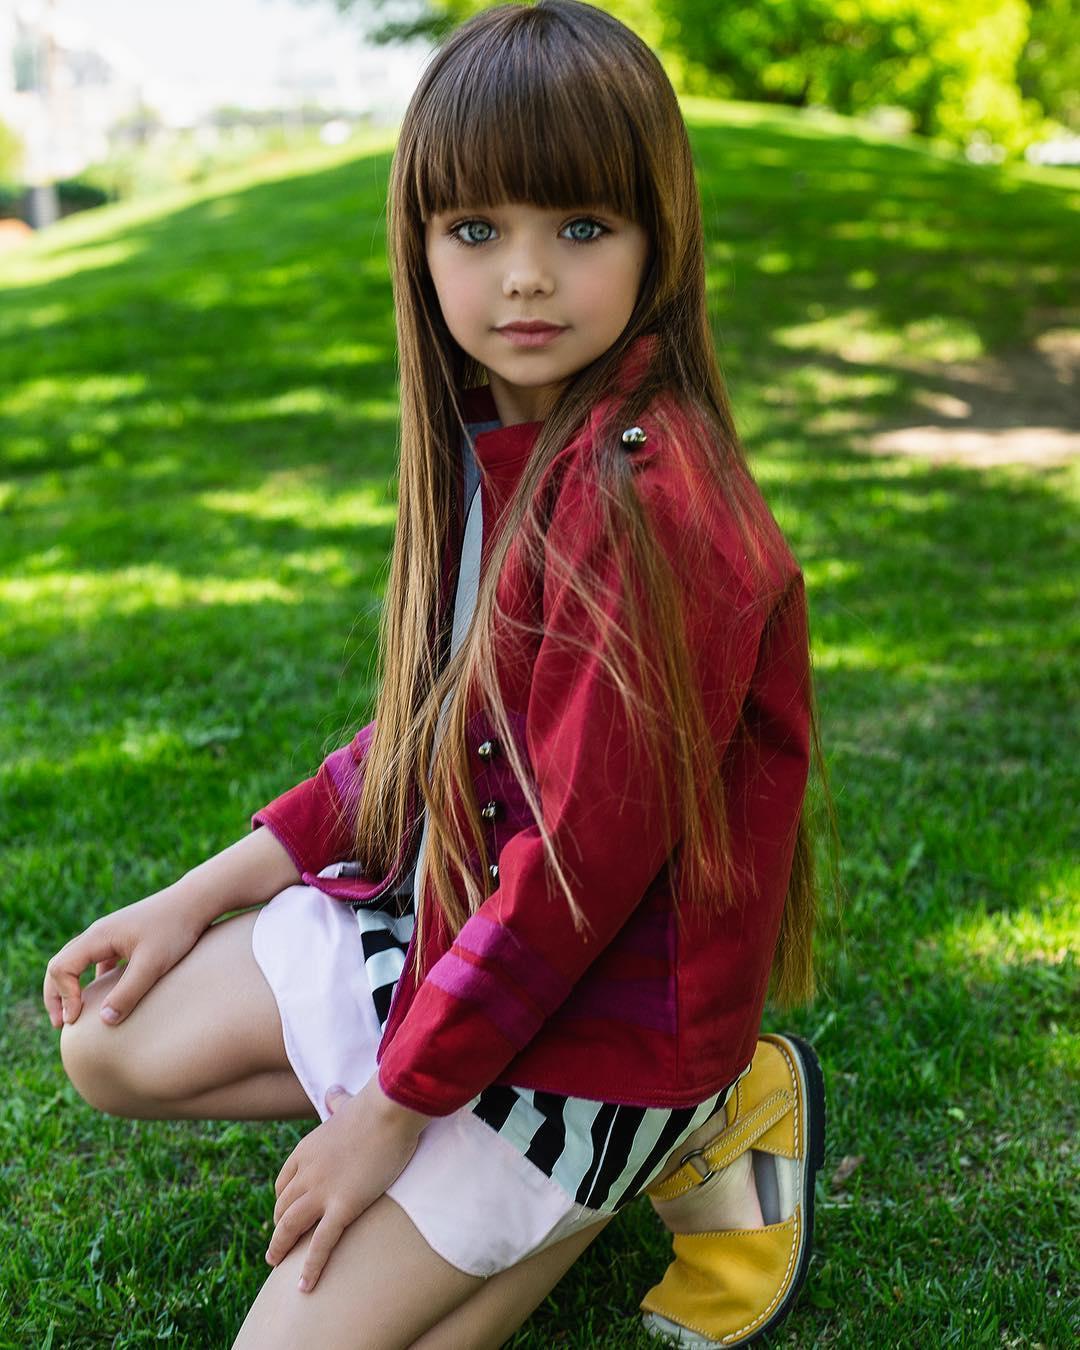 юные девочки Самые красивые в мире девочки: ...